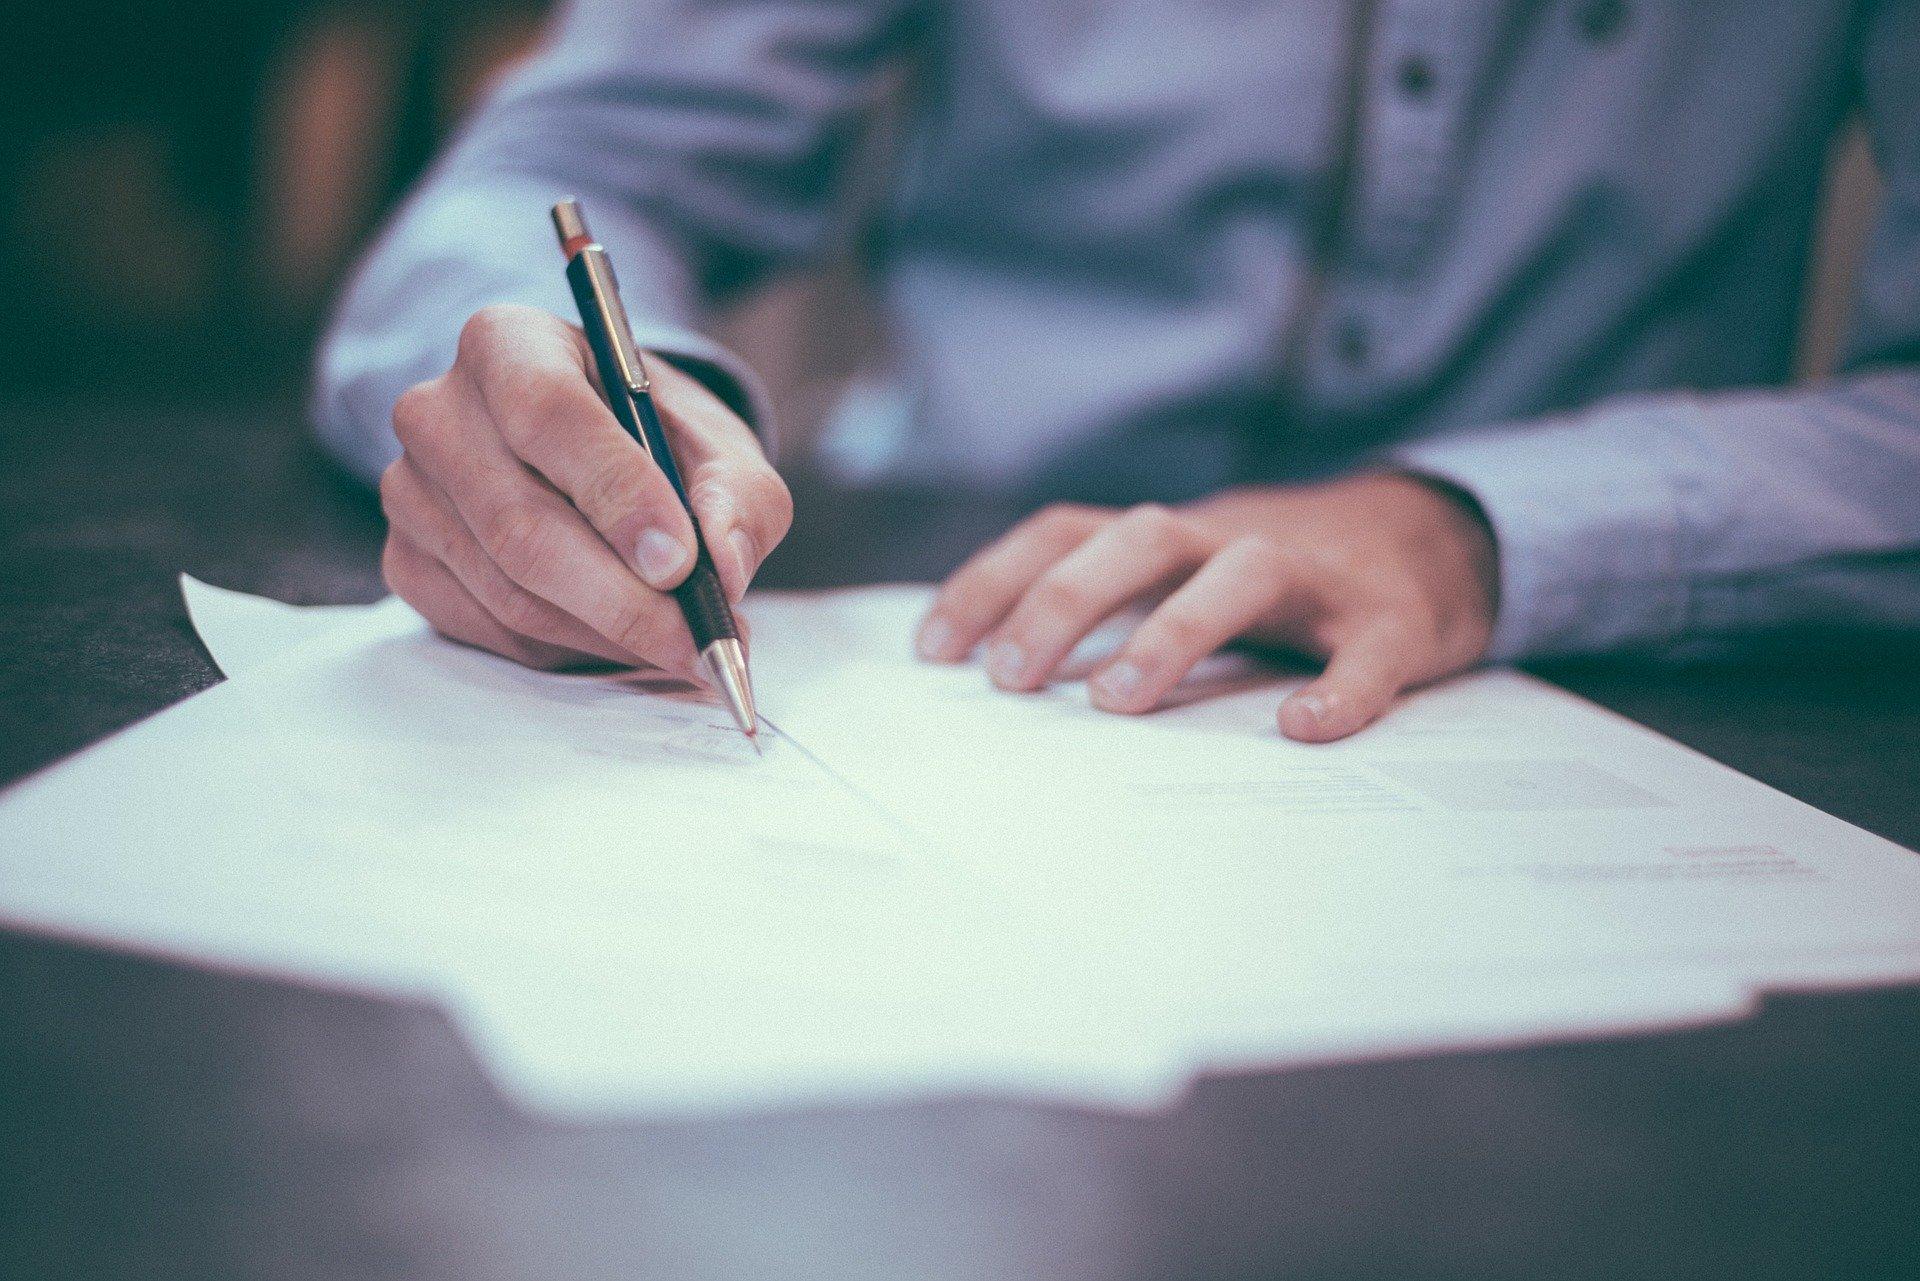 Vertragsgestaltung: Gestaltung und Rechtsberatung zu Verträgen